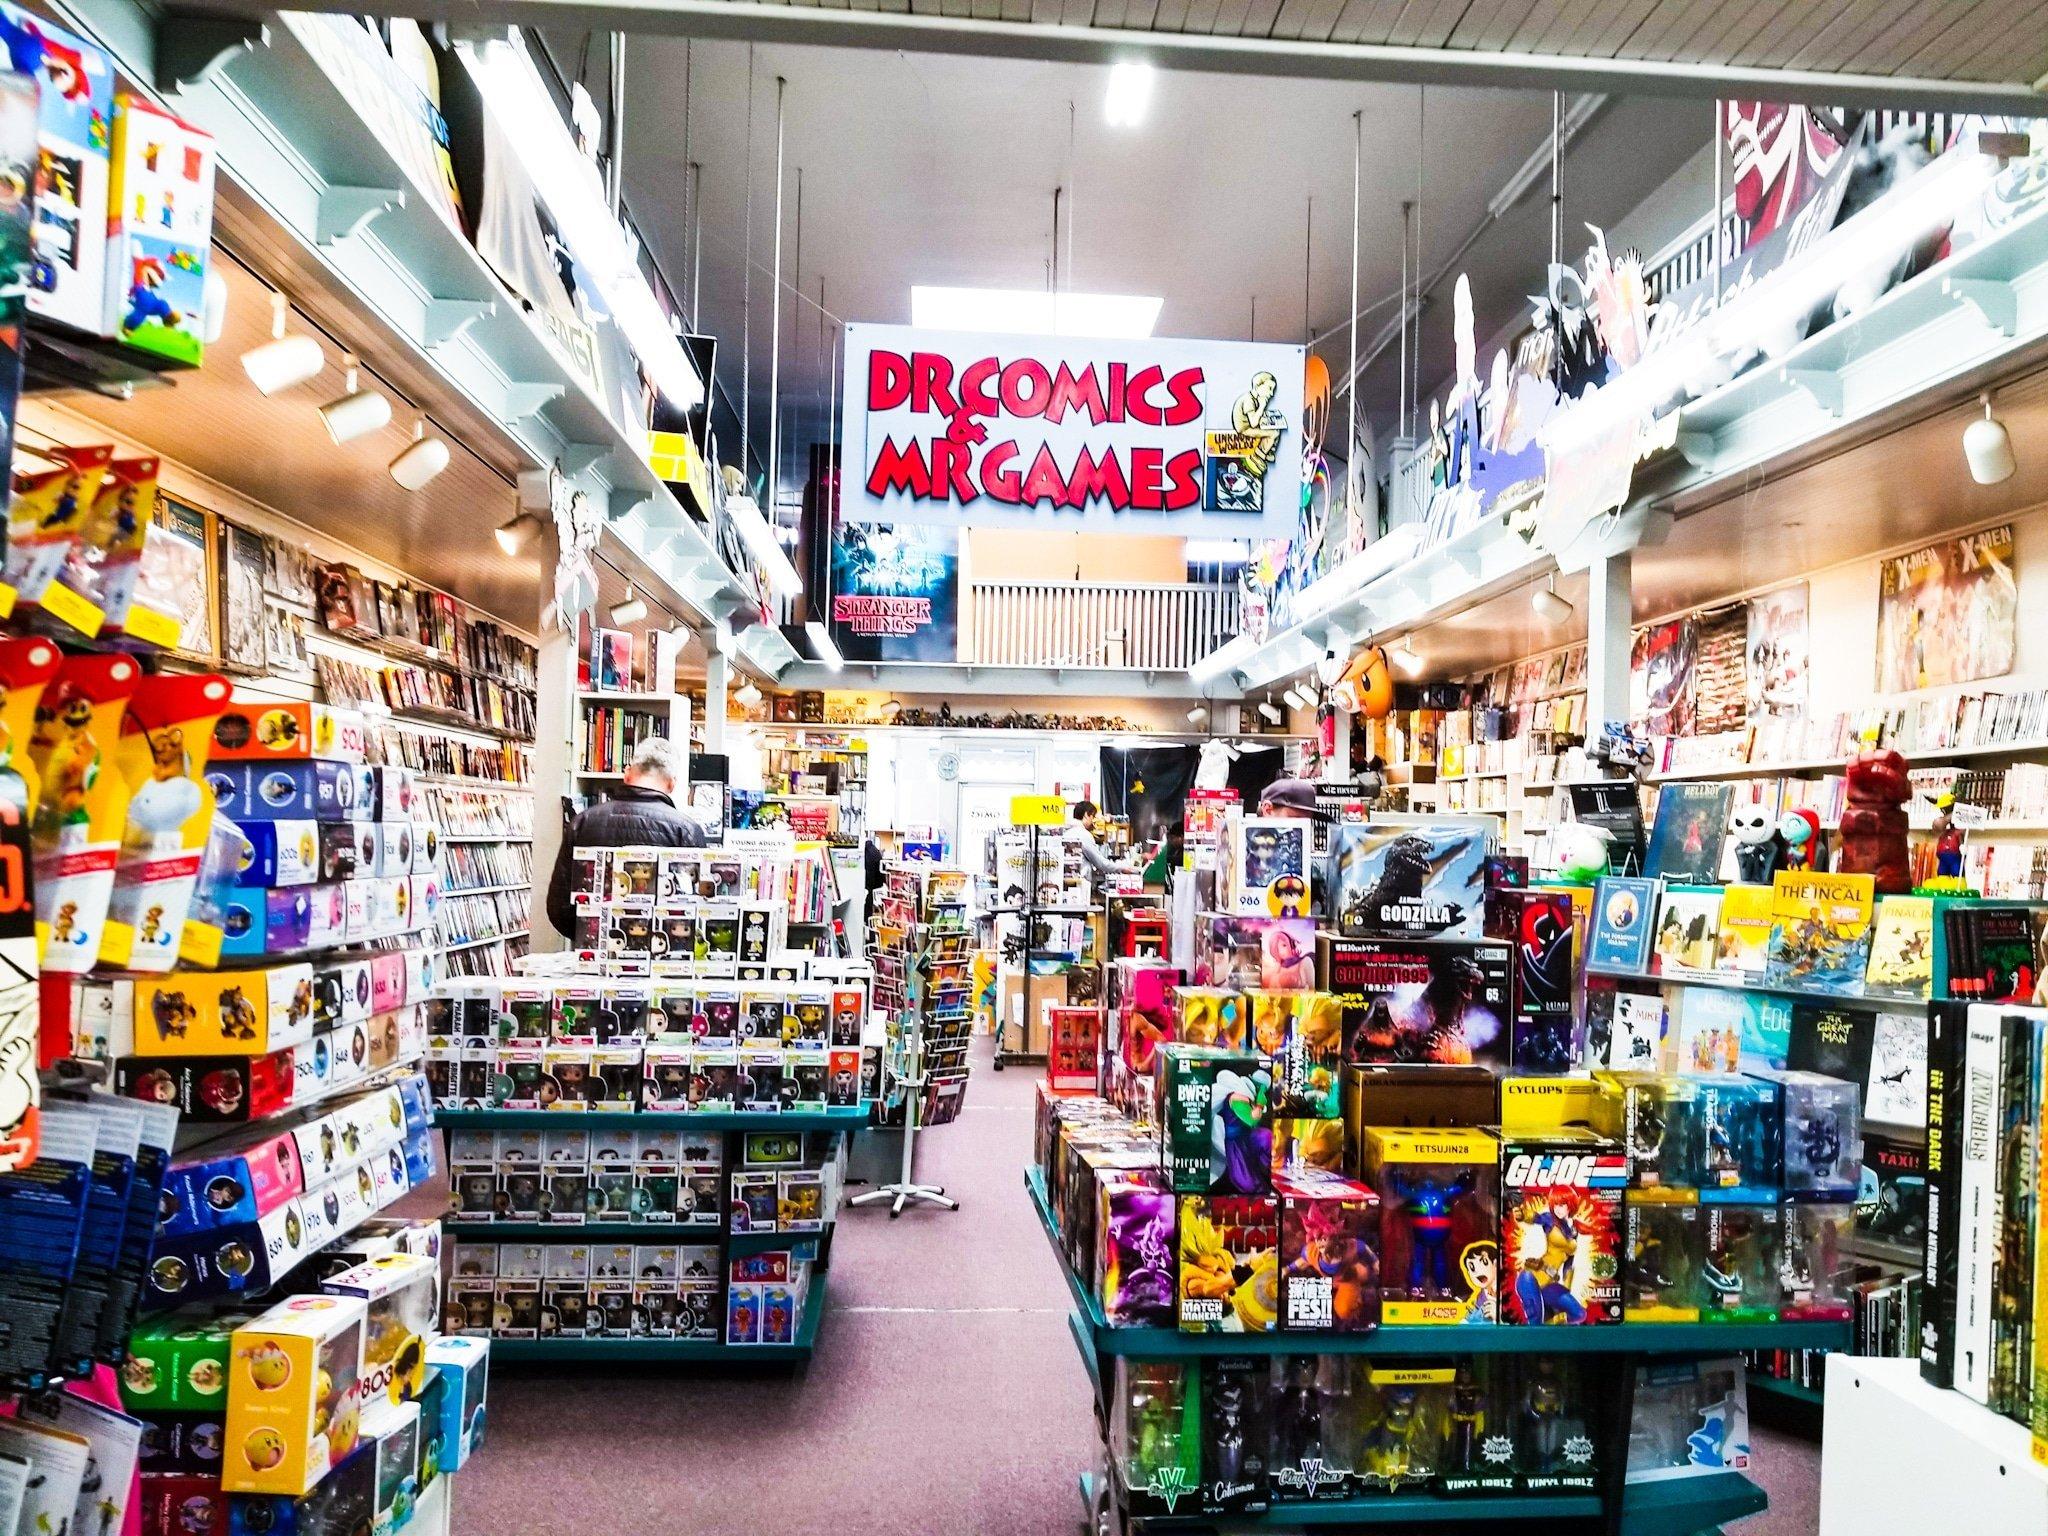 Dr Comics & Mr Games in Oakland CA